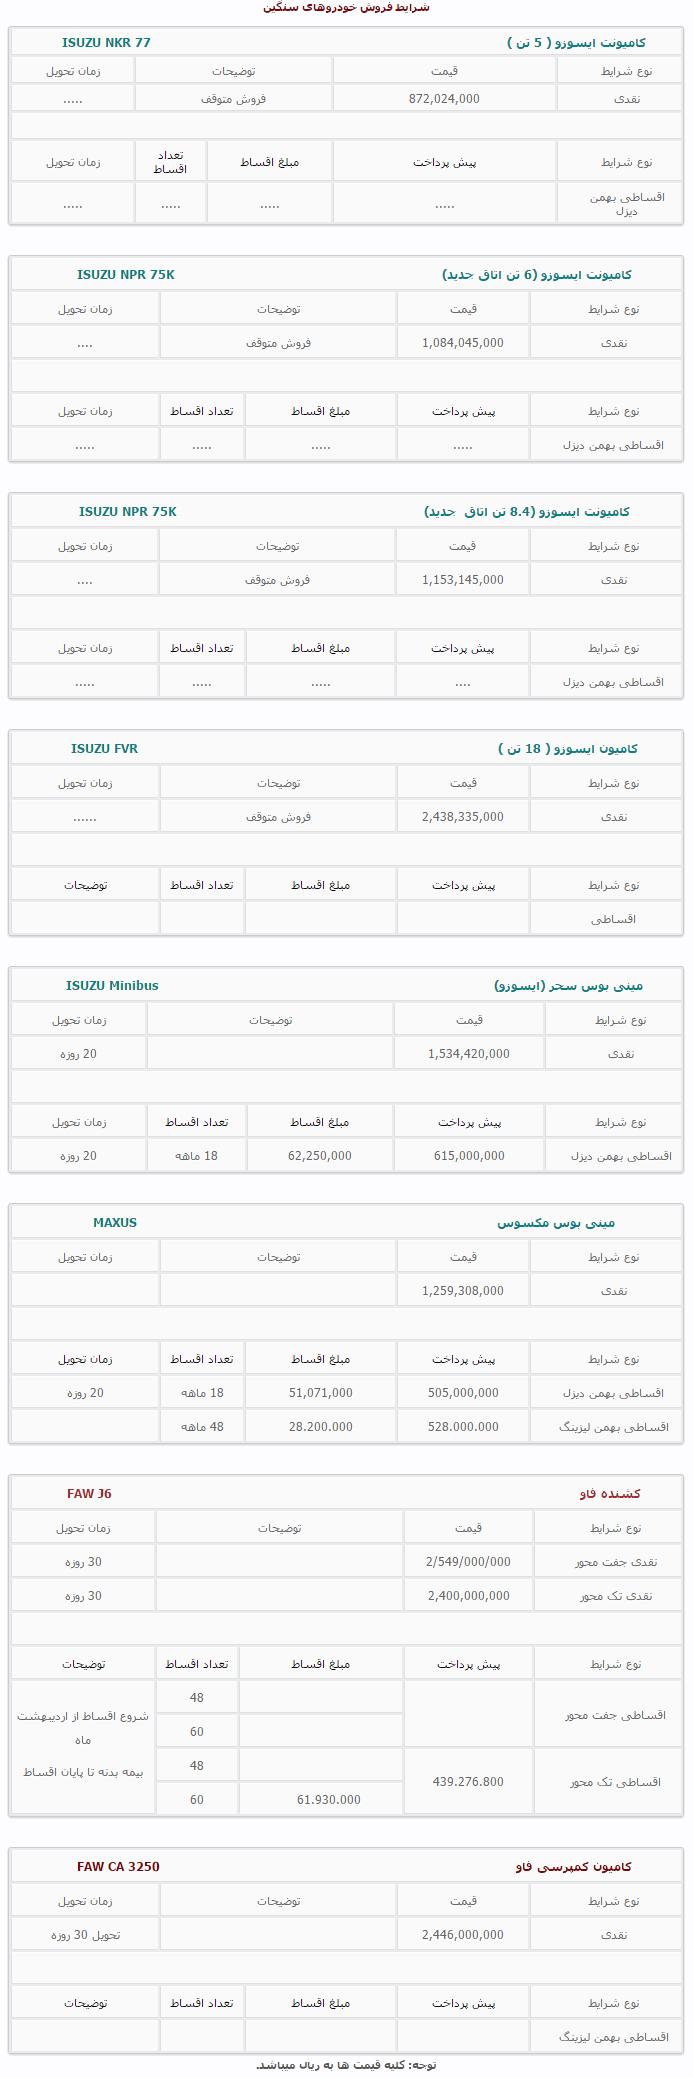 شرایط جدید فروش محصولات گروه بهمن - تیرماه 95